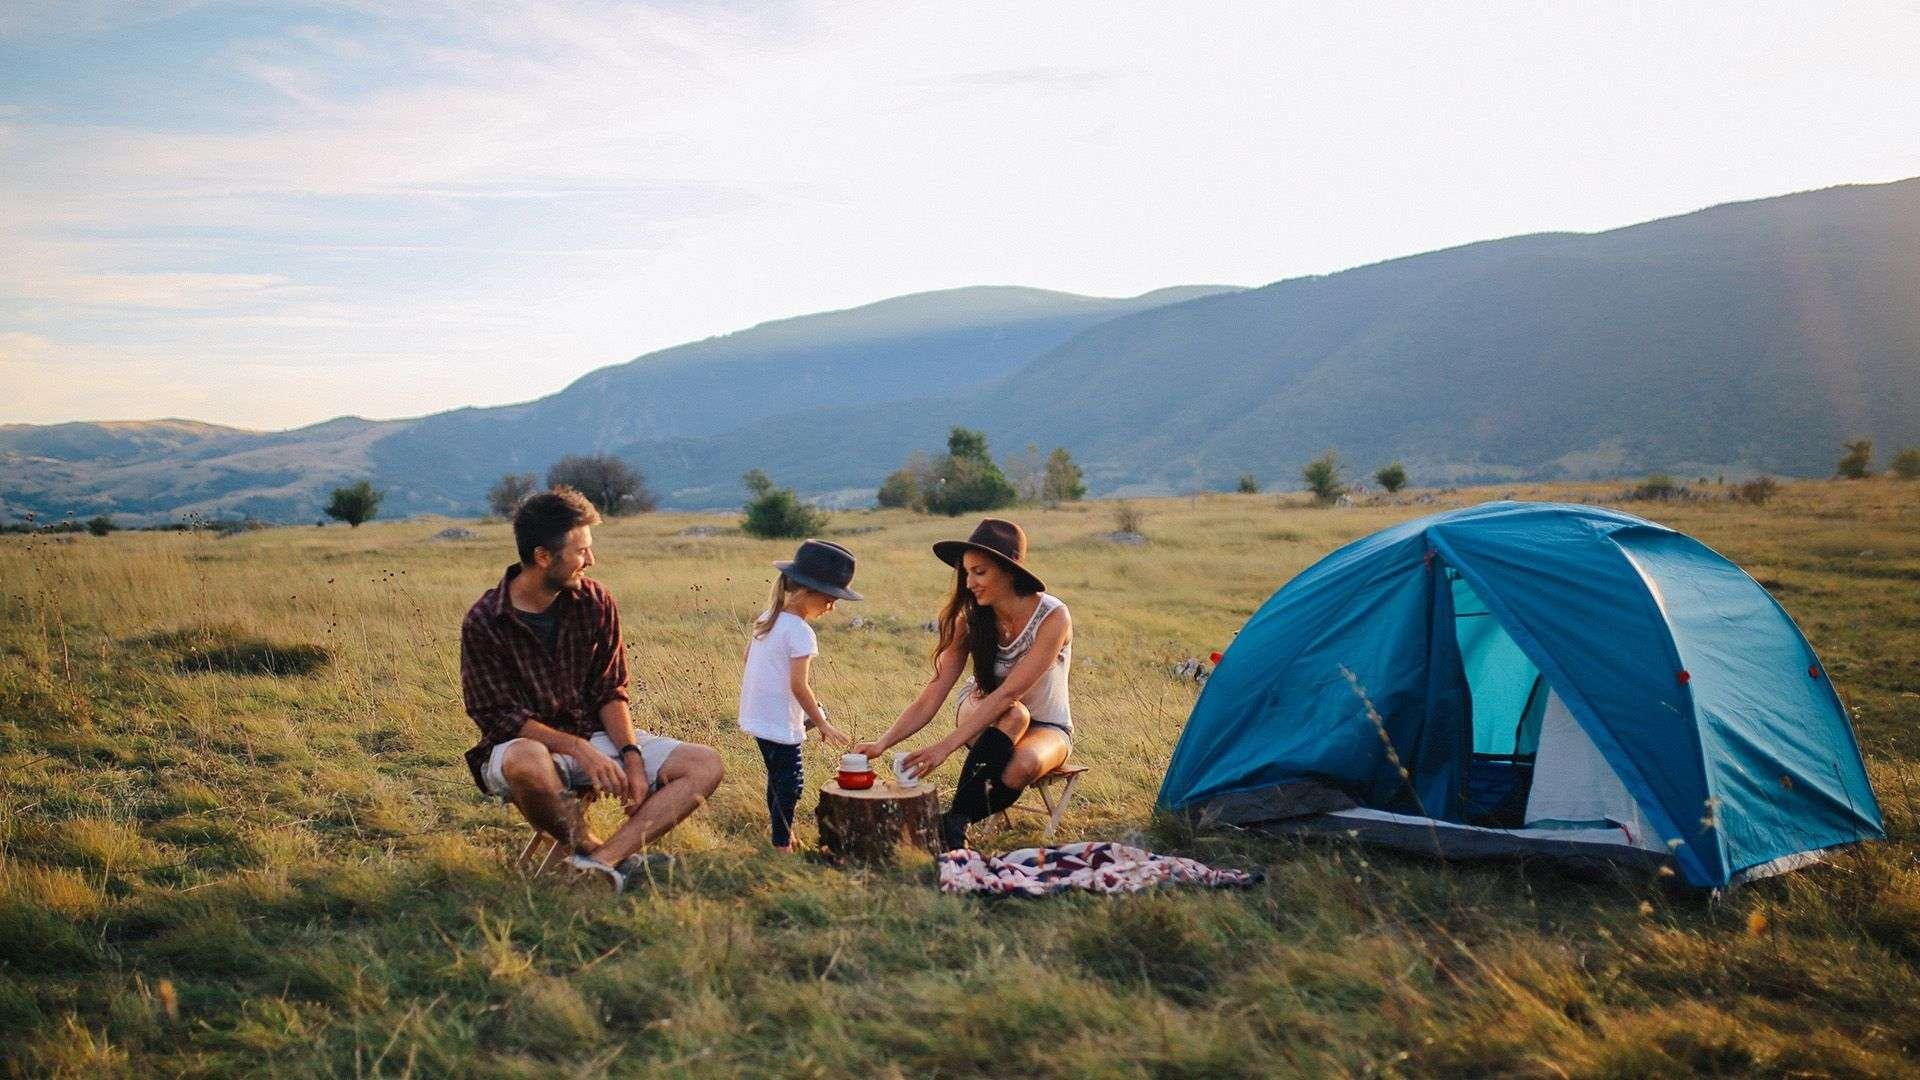 Die 5 coolsten Rezepte für Camping und Festival von Lidl Österreich